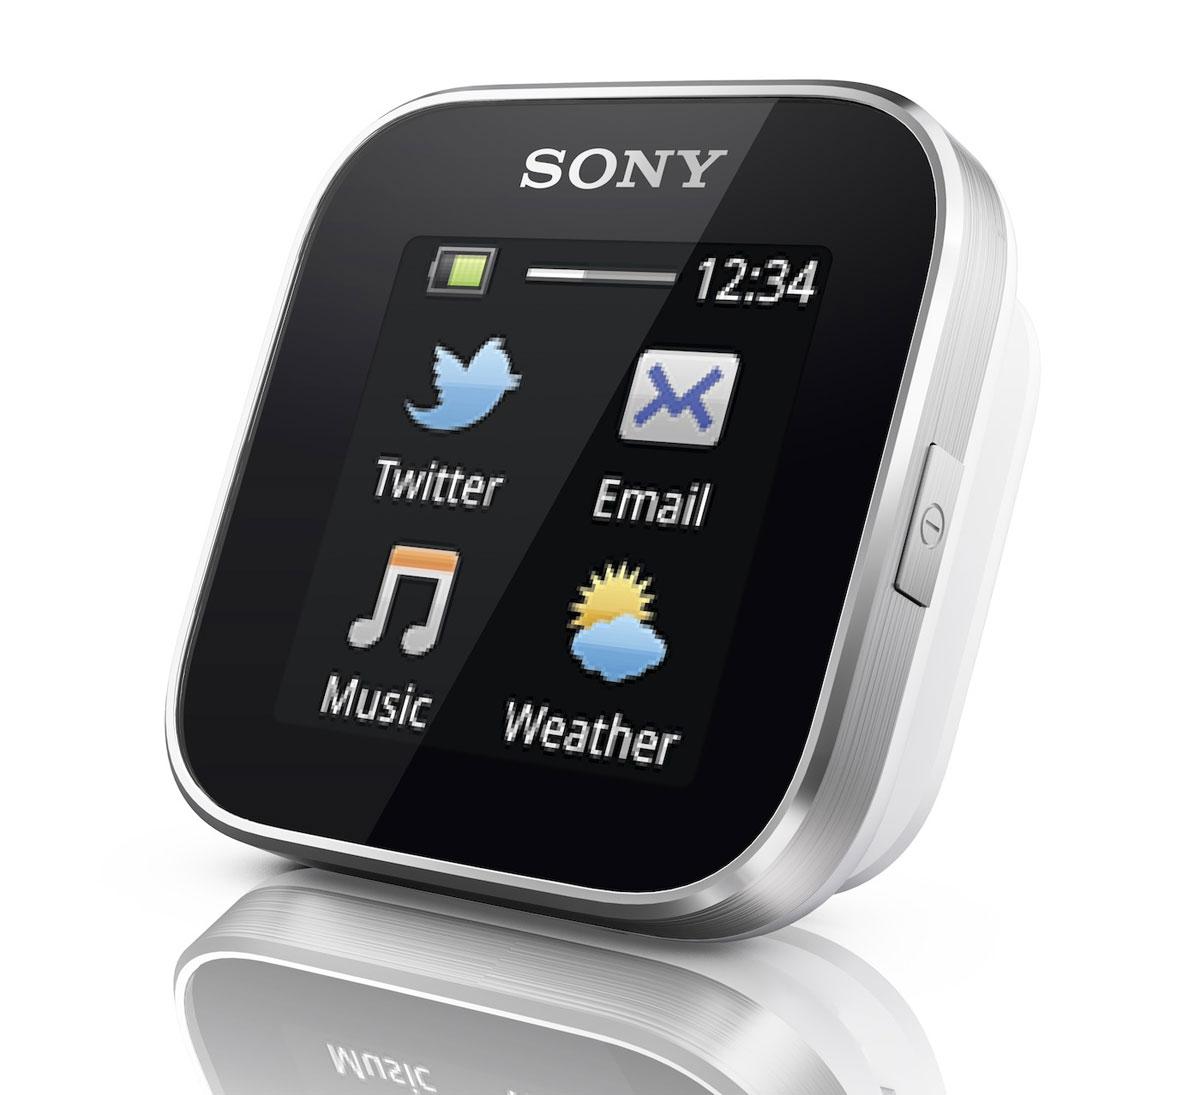 Sony's New SmartWatch